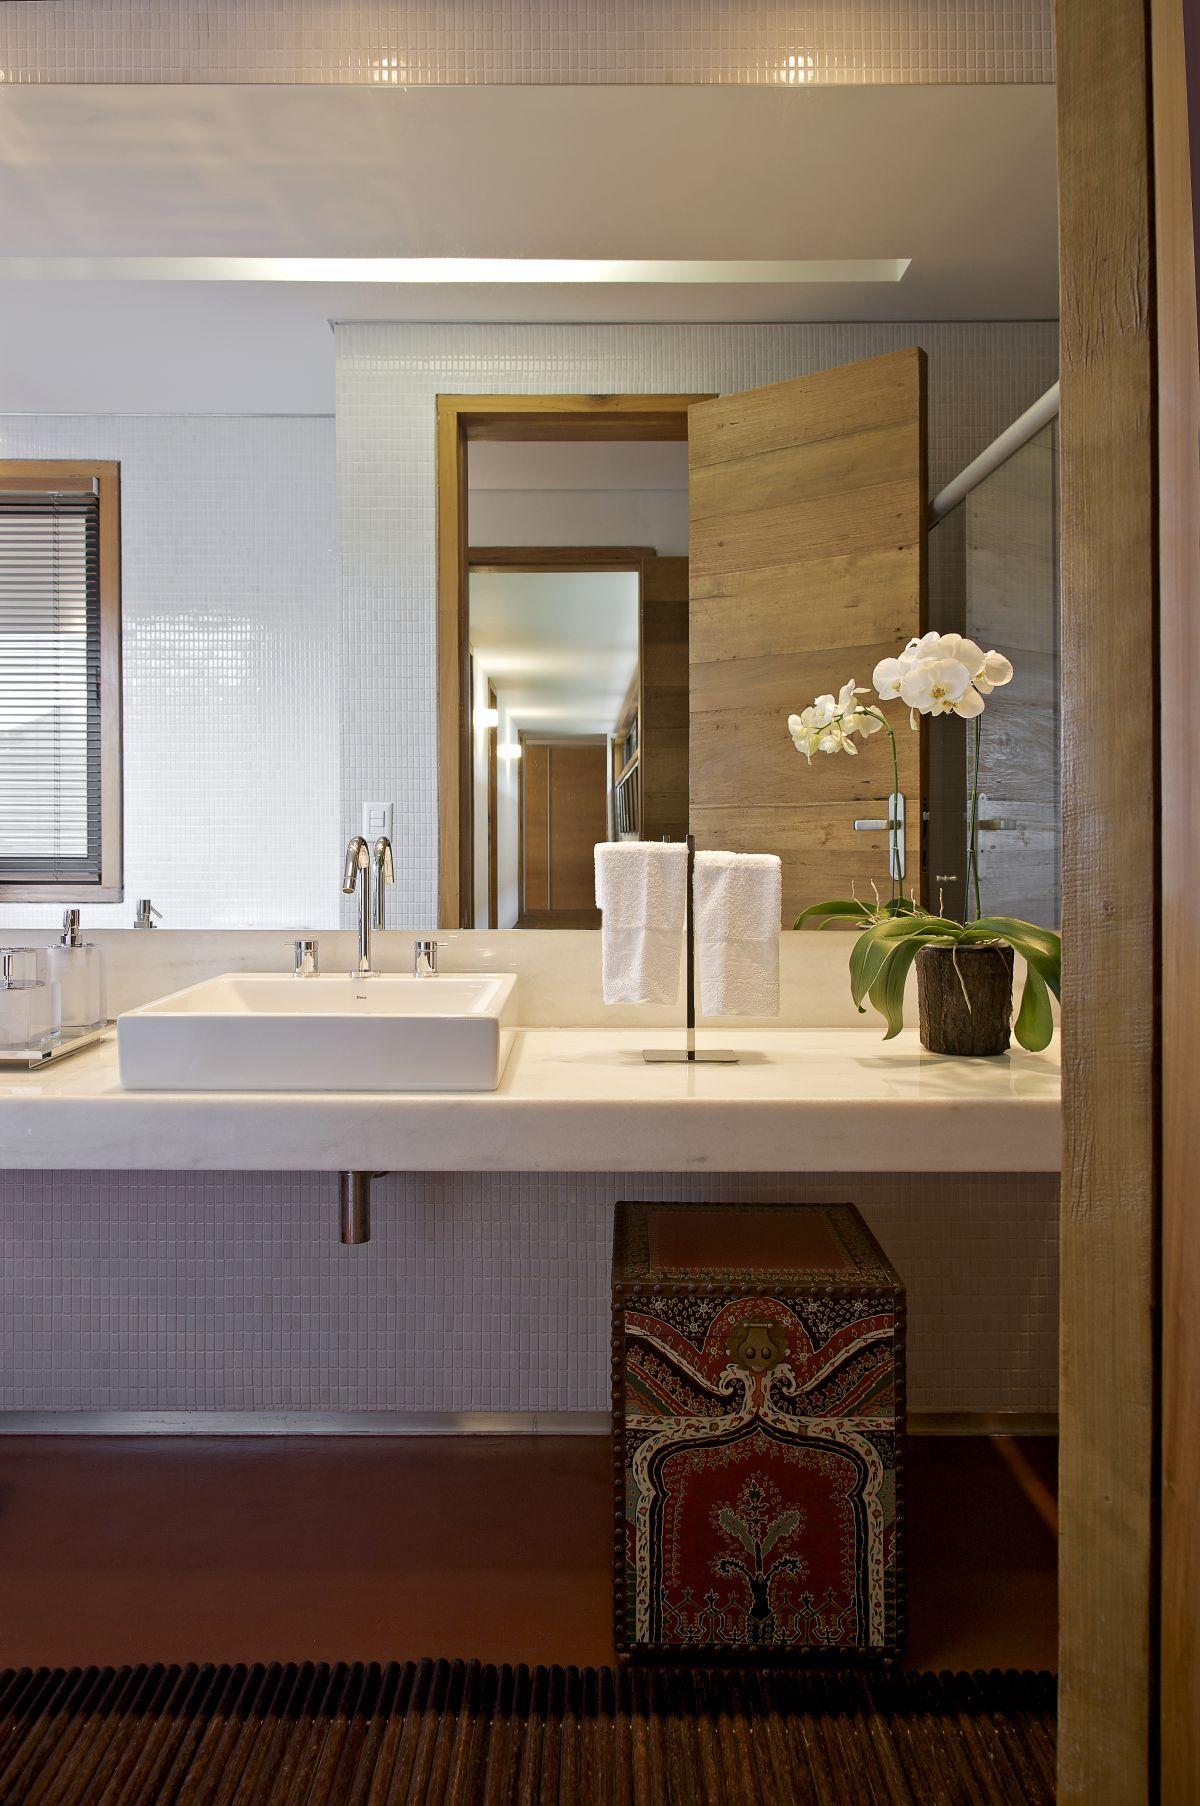 Fliesen ideen um badezimmer eitelkeit  fabelhafte badezimmerdesignideen  einrichtung in